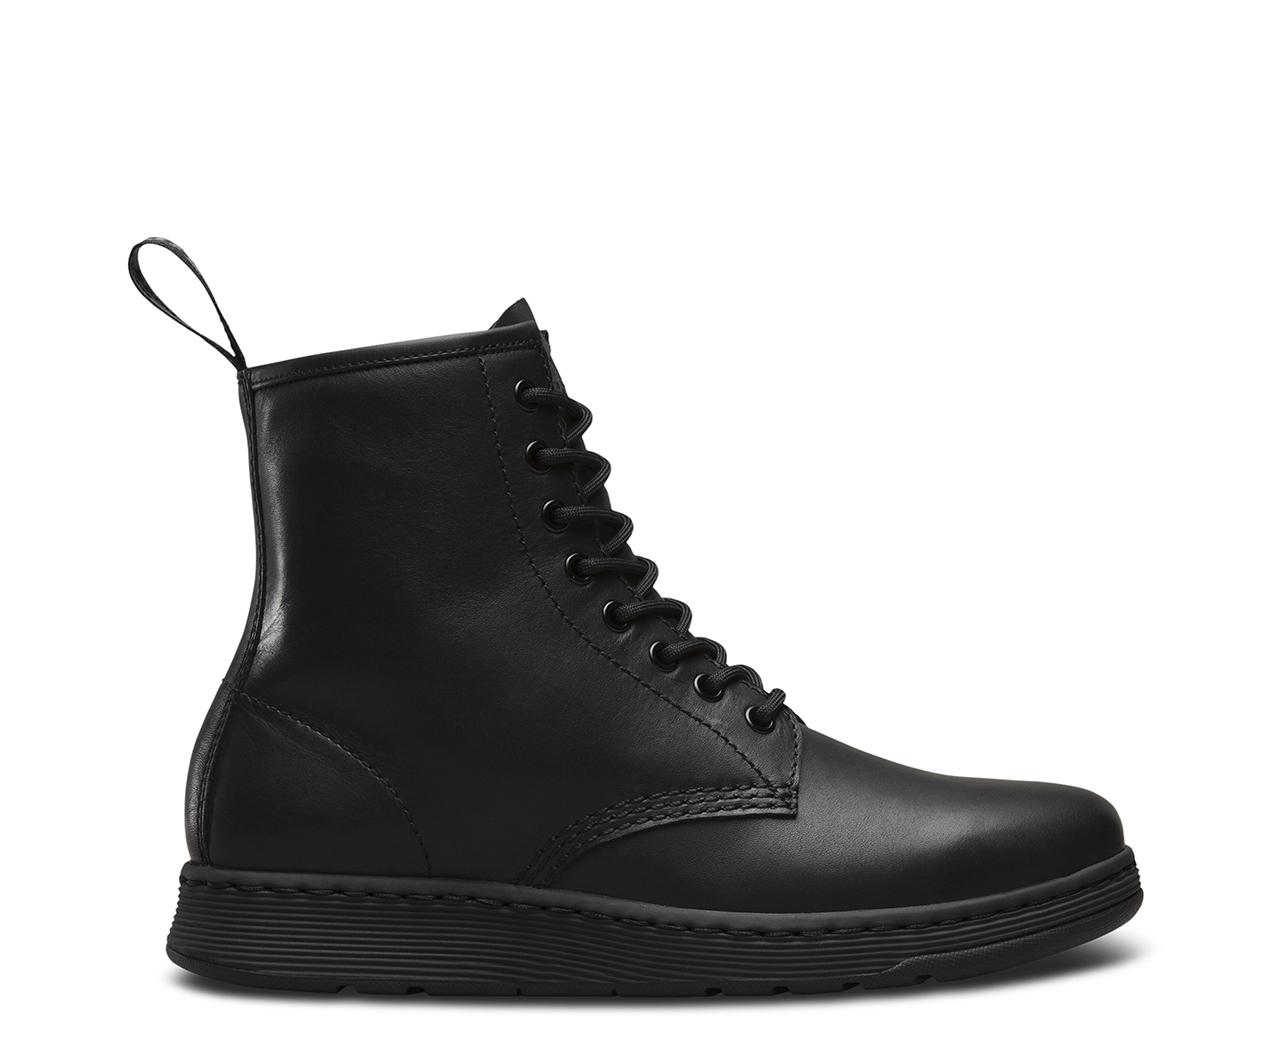 Professionnel Vente Pas Cher Dr. Martens Boots NEWTON BTS Approvisionnement En Vente Qualité Supérieure réductions TA43XWvIE